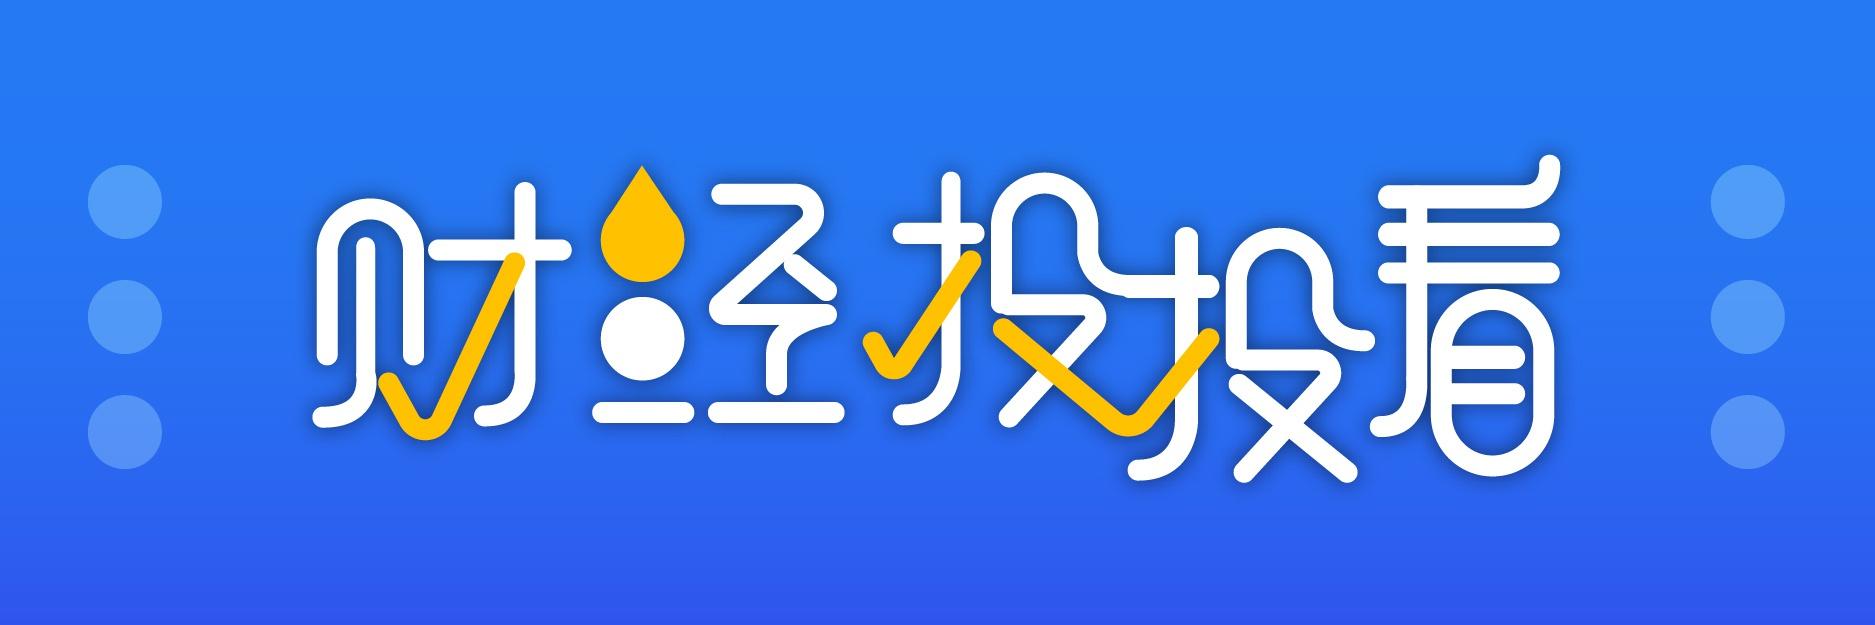 爱奇艺、蒙牛道歉,近9成投票网友不接受,超7成支持暂停选秀节目